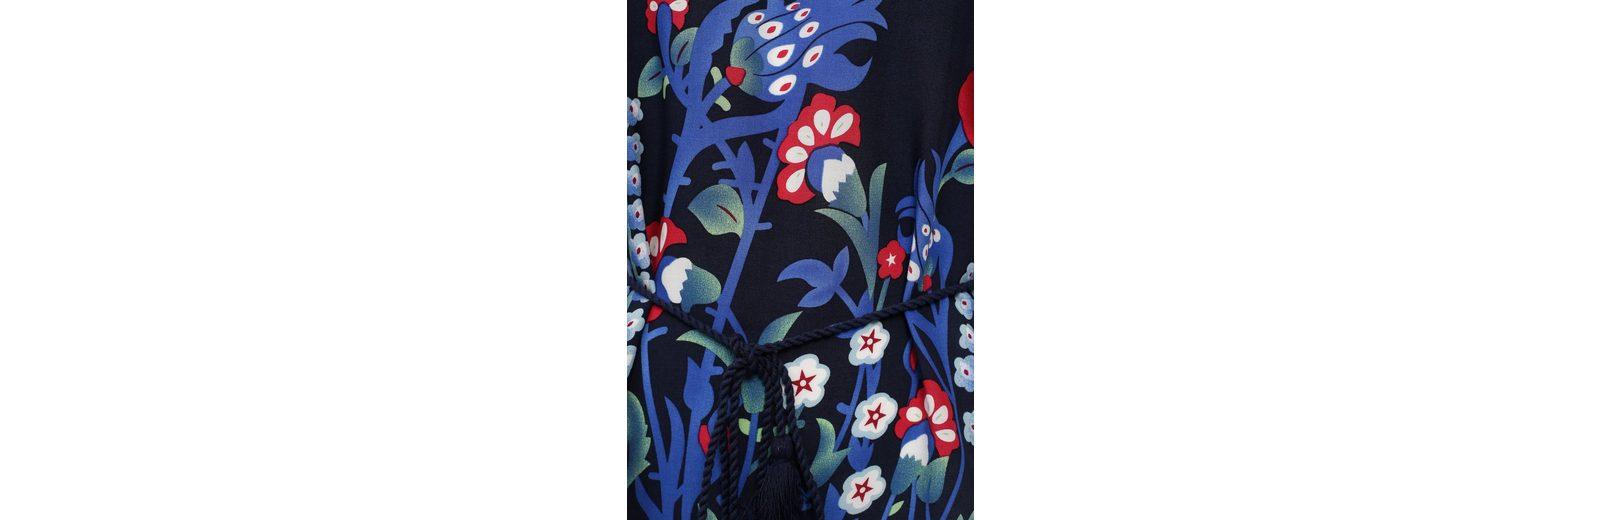 Auslassstellen Günstiger Preis Finn Flare Tunika mit Blumendruck Auslass Hohe Qualität Rabatt Authentische Online MDopKTbJV8